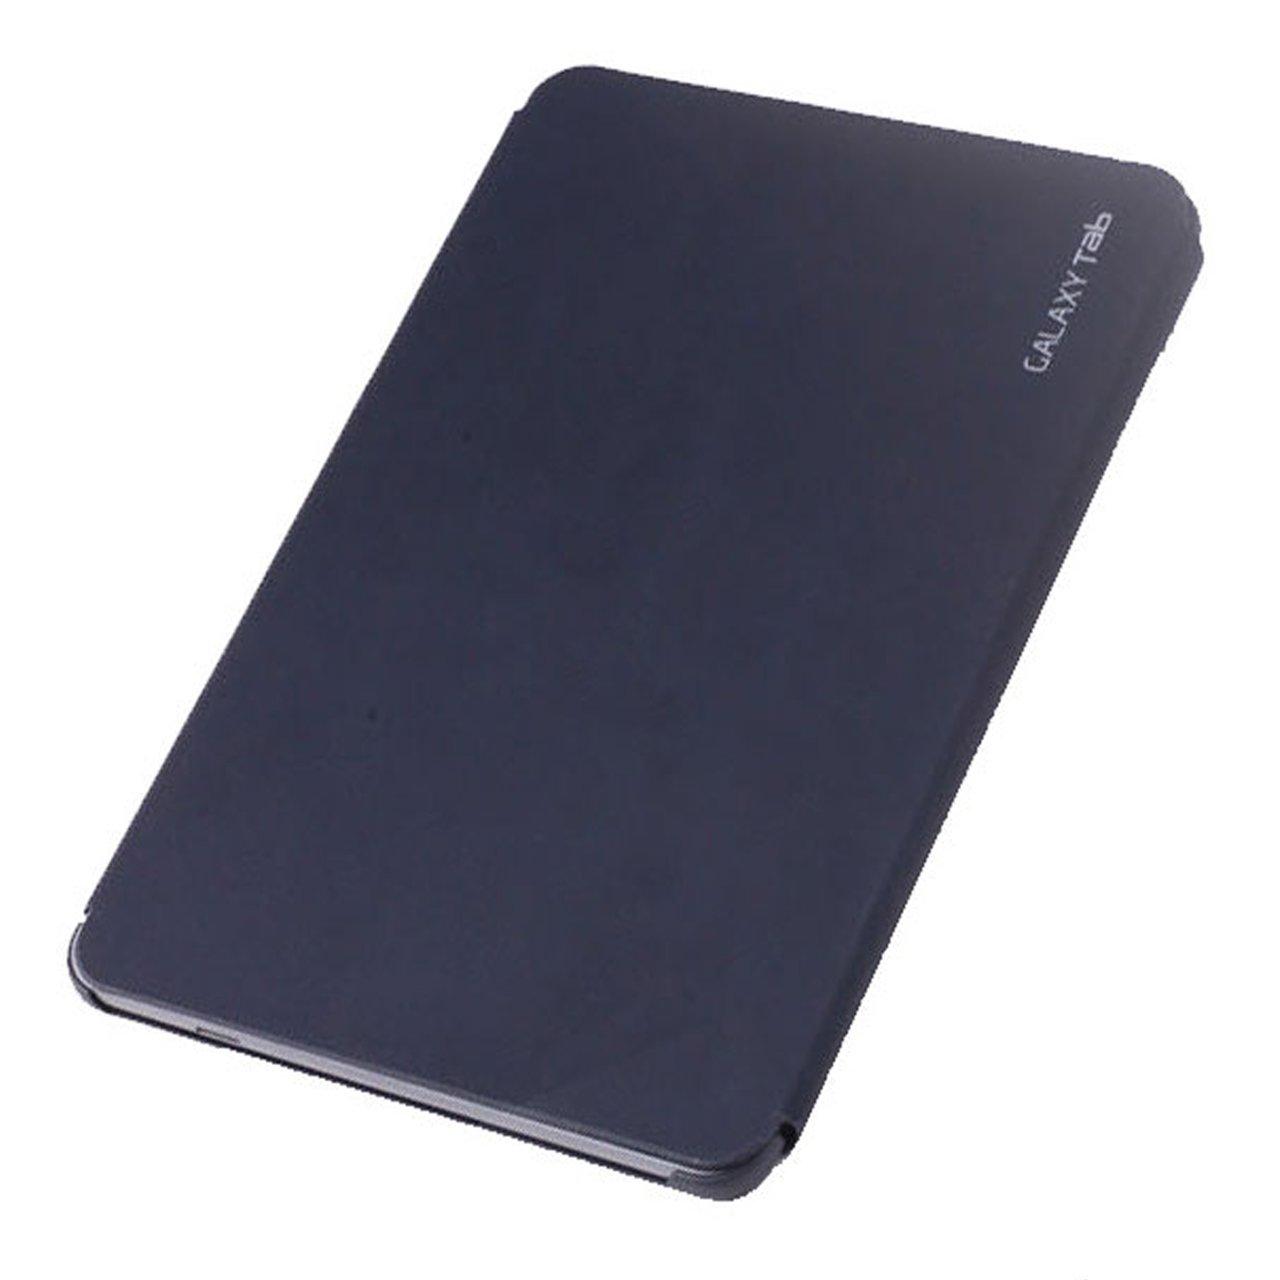 کیف کلاسوری مدل Book Cover مناسب برای تبلت سامسونگ گلکسی 3 10.1/p5200